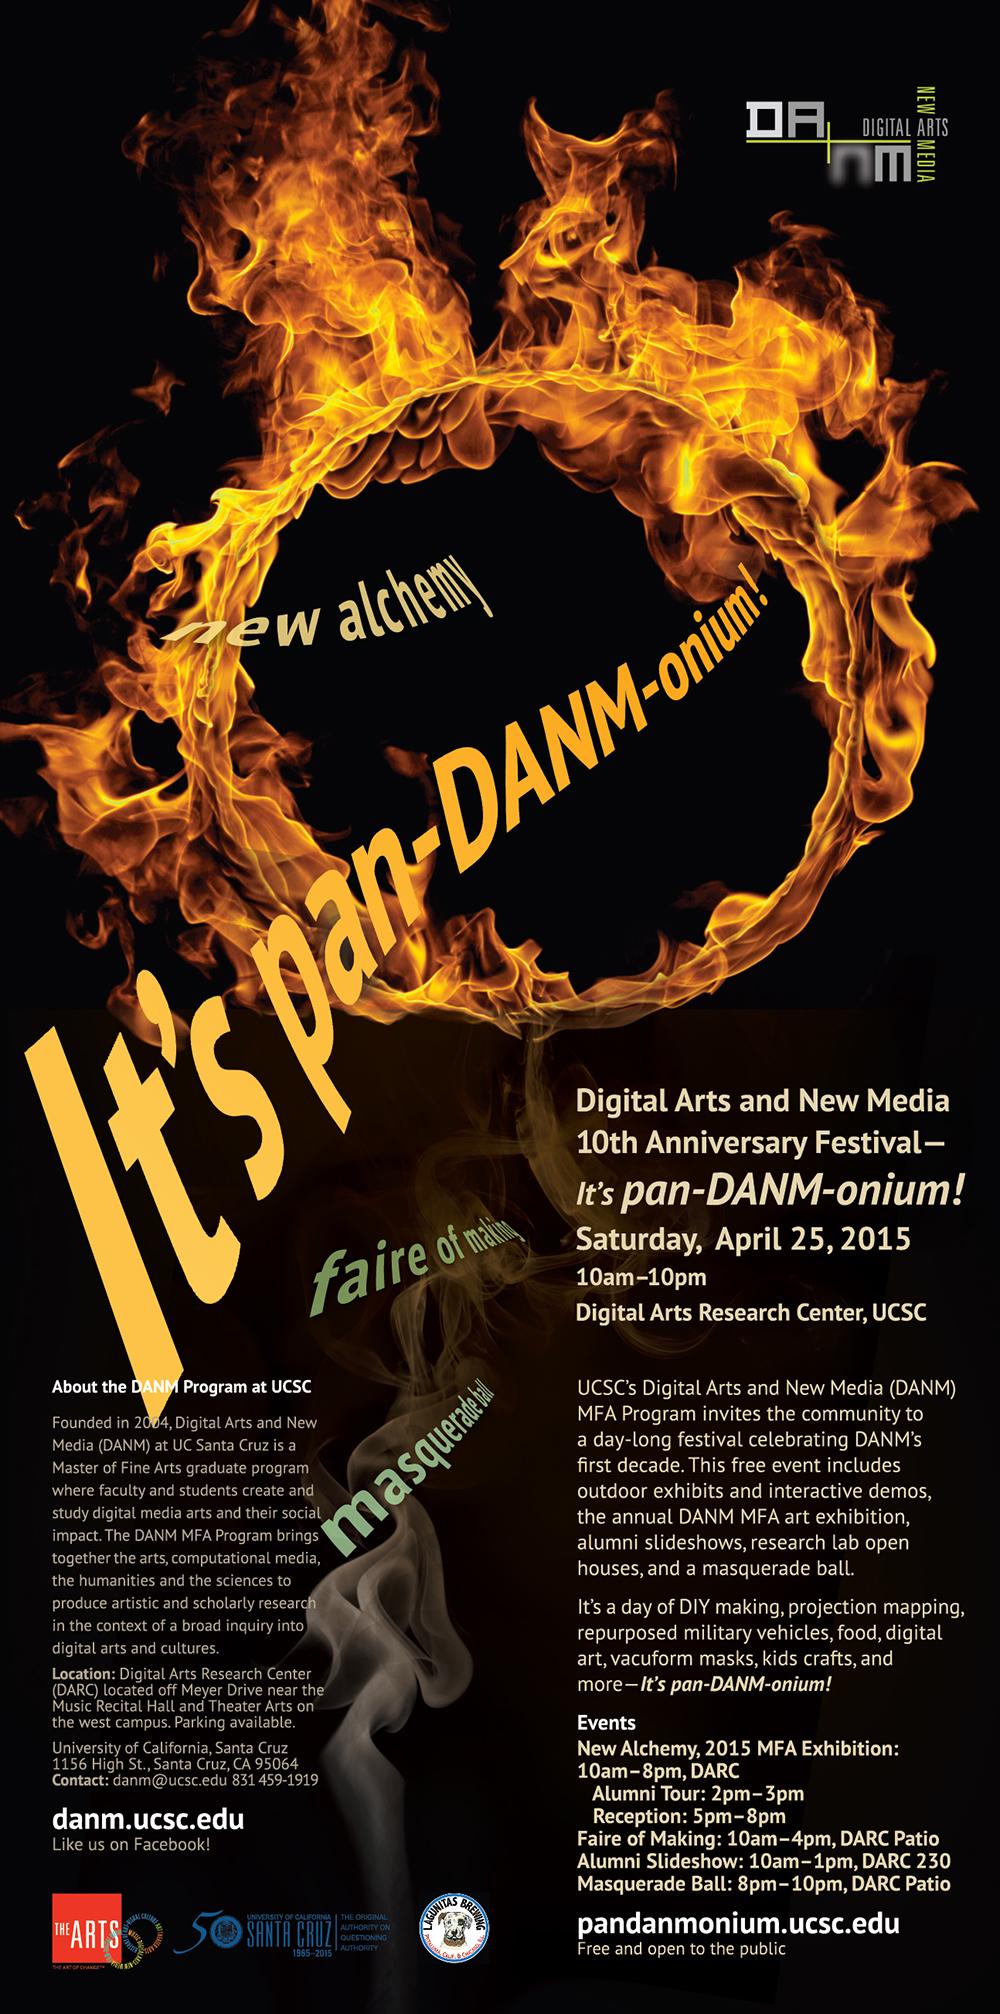 Pan-danm-onium! poster